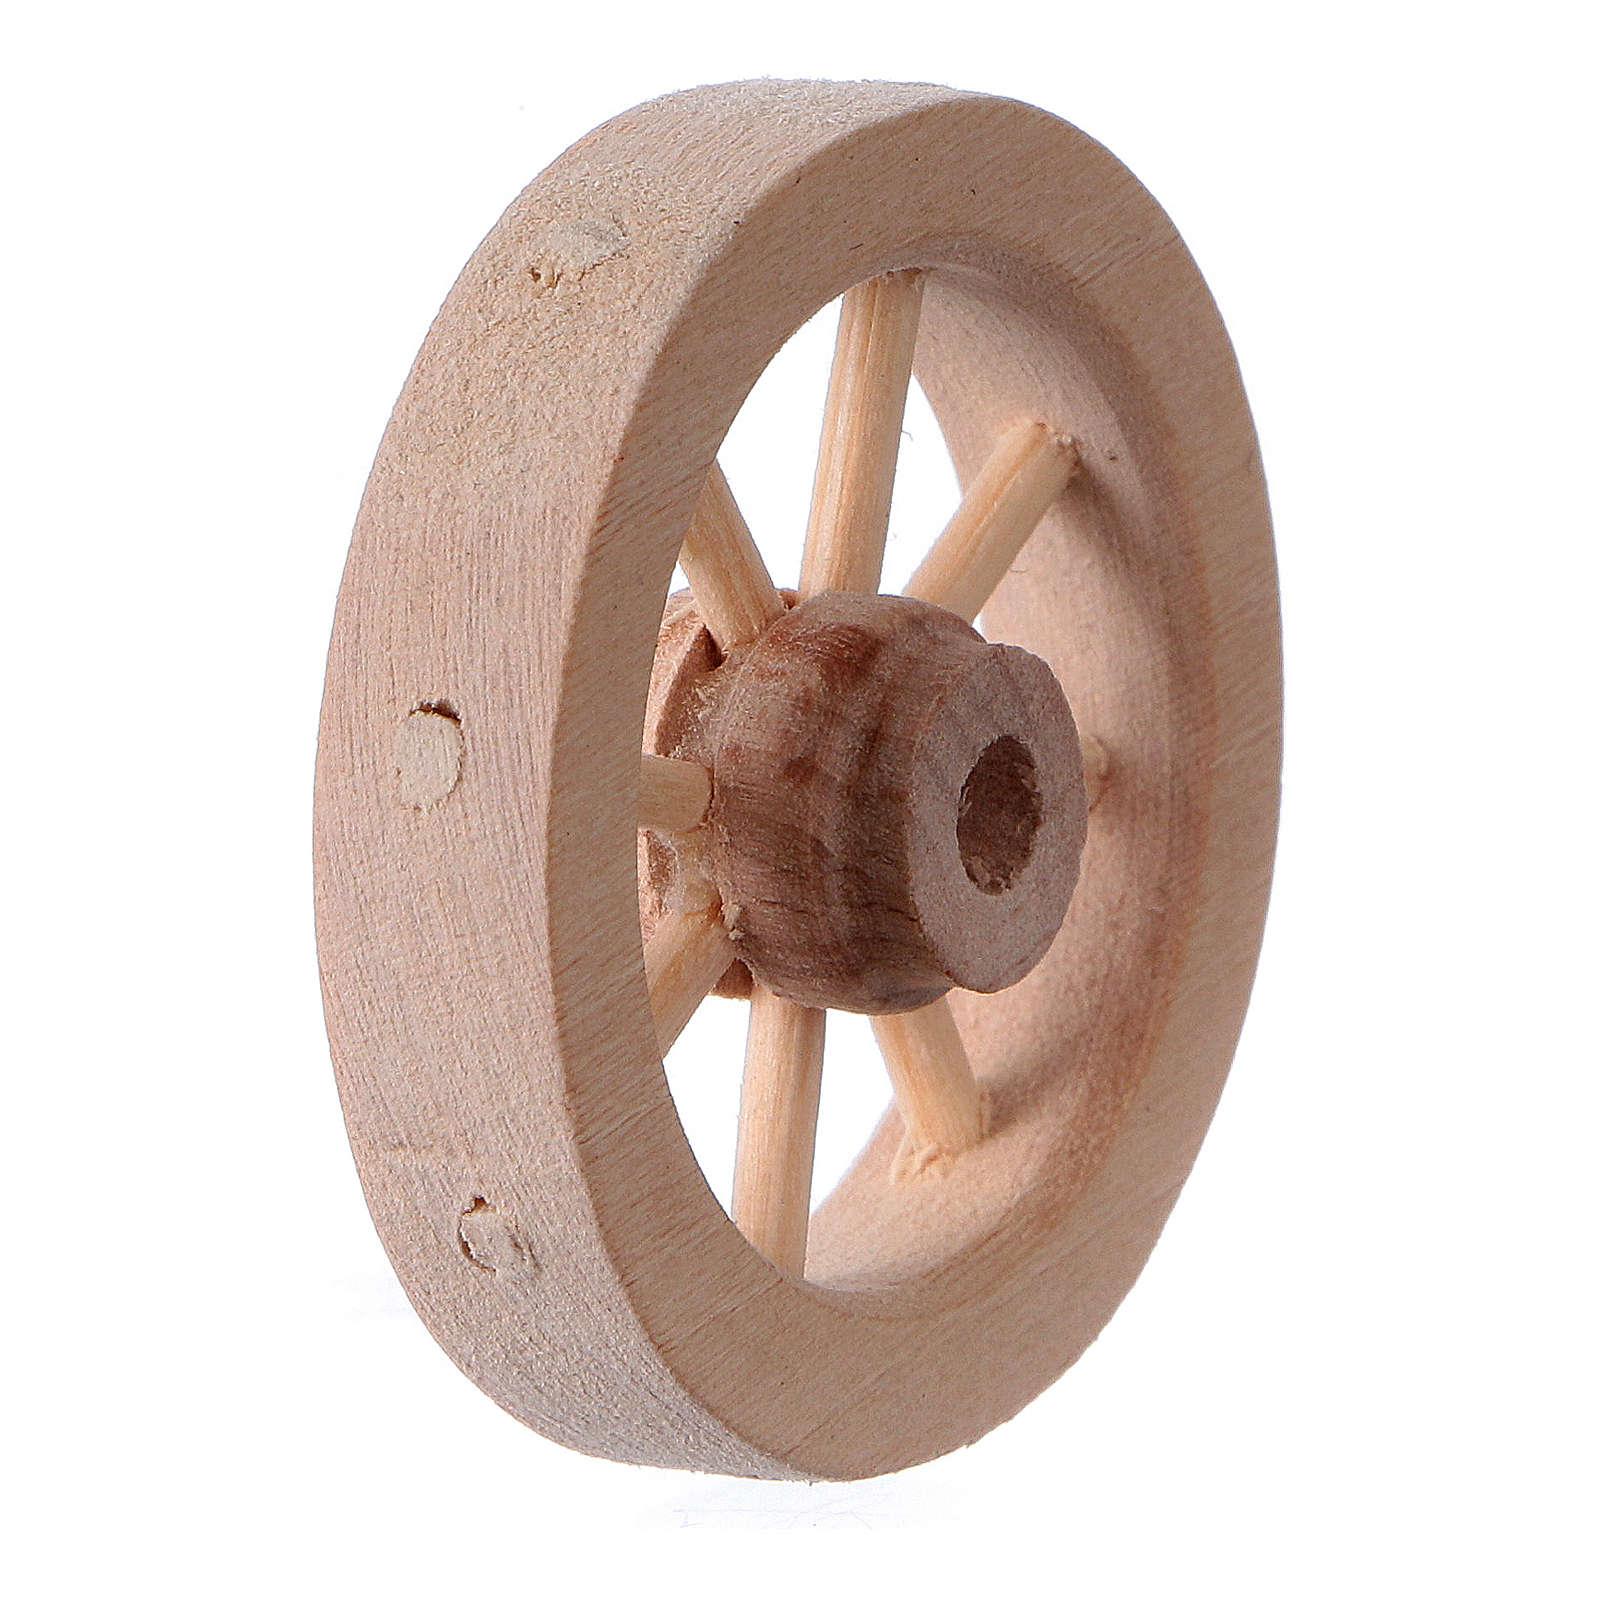 Roue char crèche bois clair diam. 3,5 cm 4